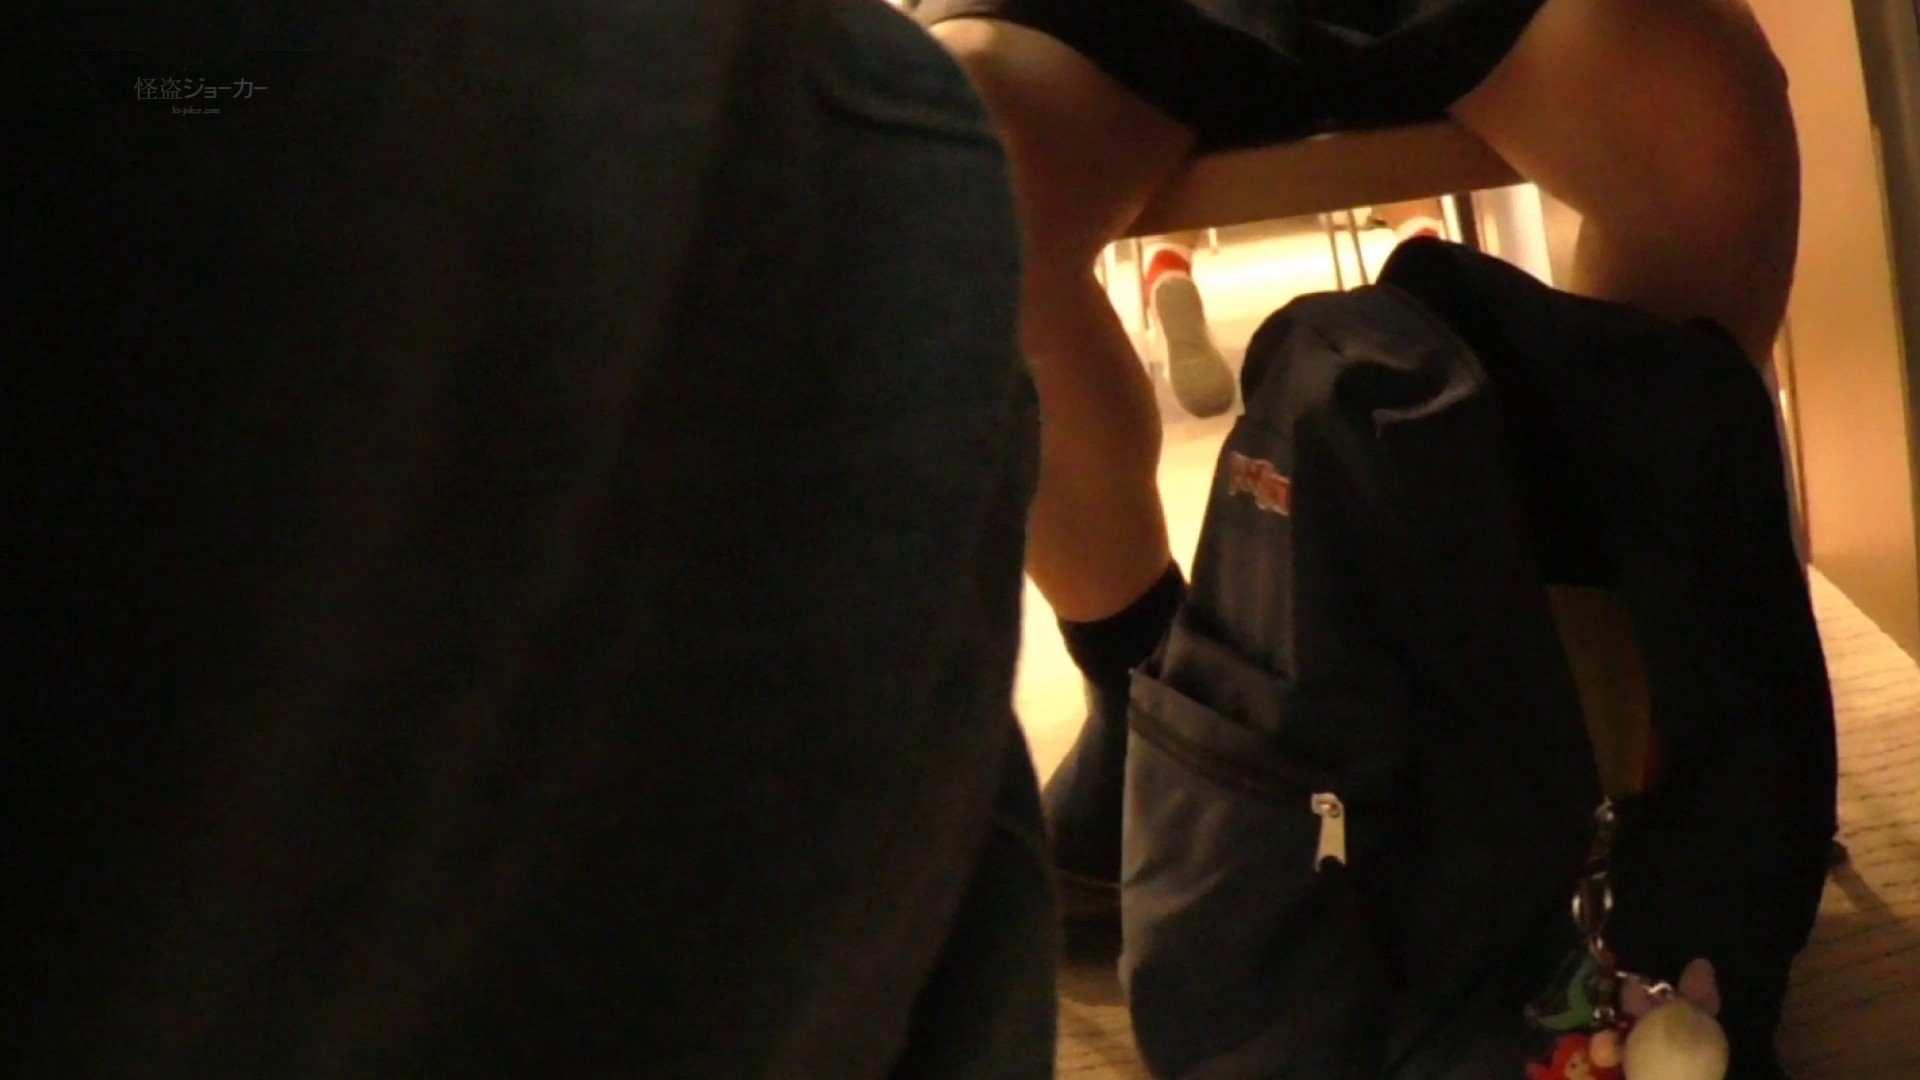 机の下の世界 Vol.03 人生色々、生足も色々!! ギャル達 ワレメ無修正動画無料 105枚 57